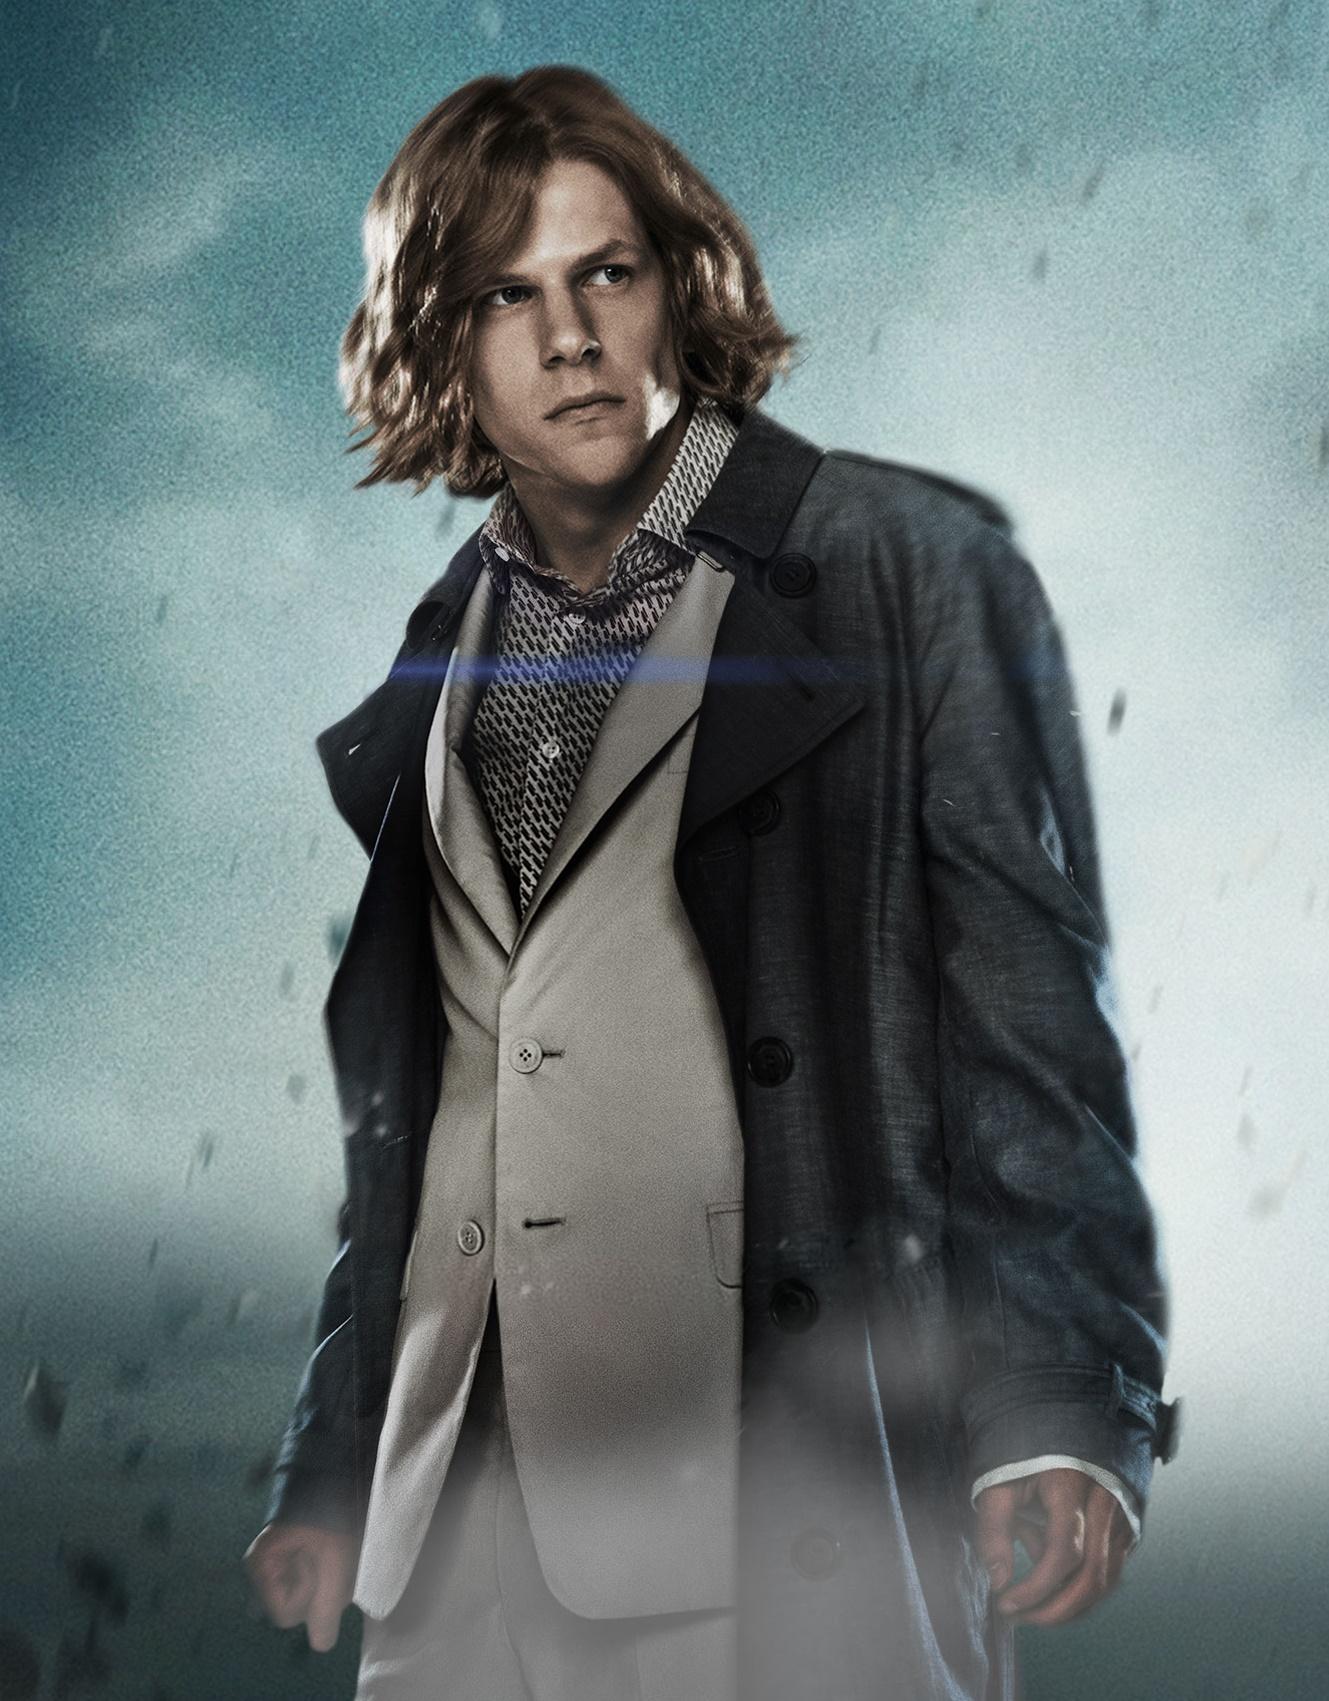 Lex Luthor Dc Extended Universe Villains Wiki Fandom